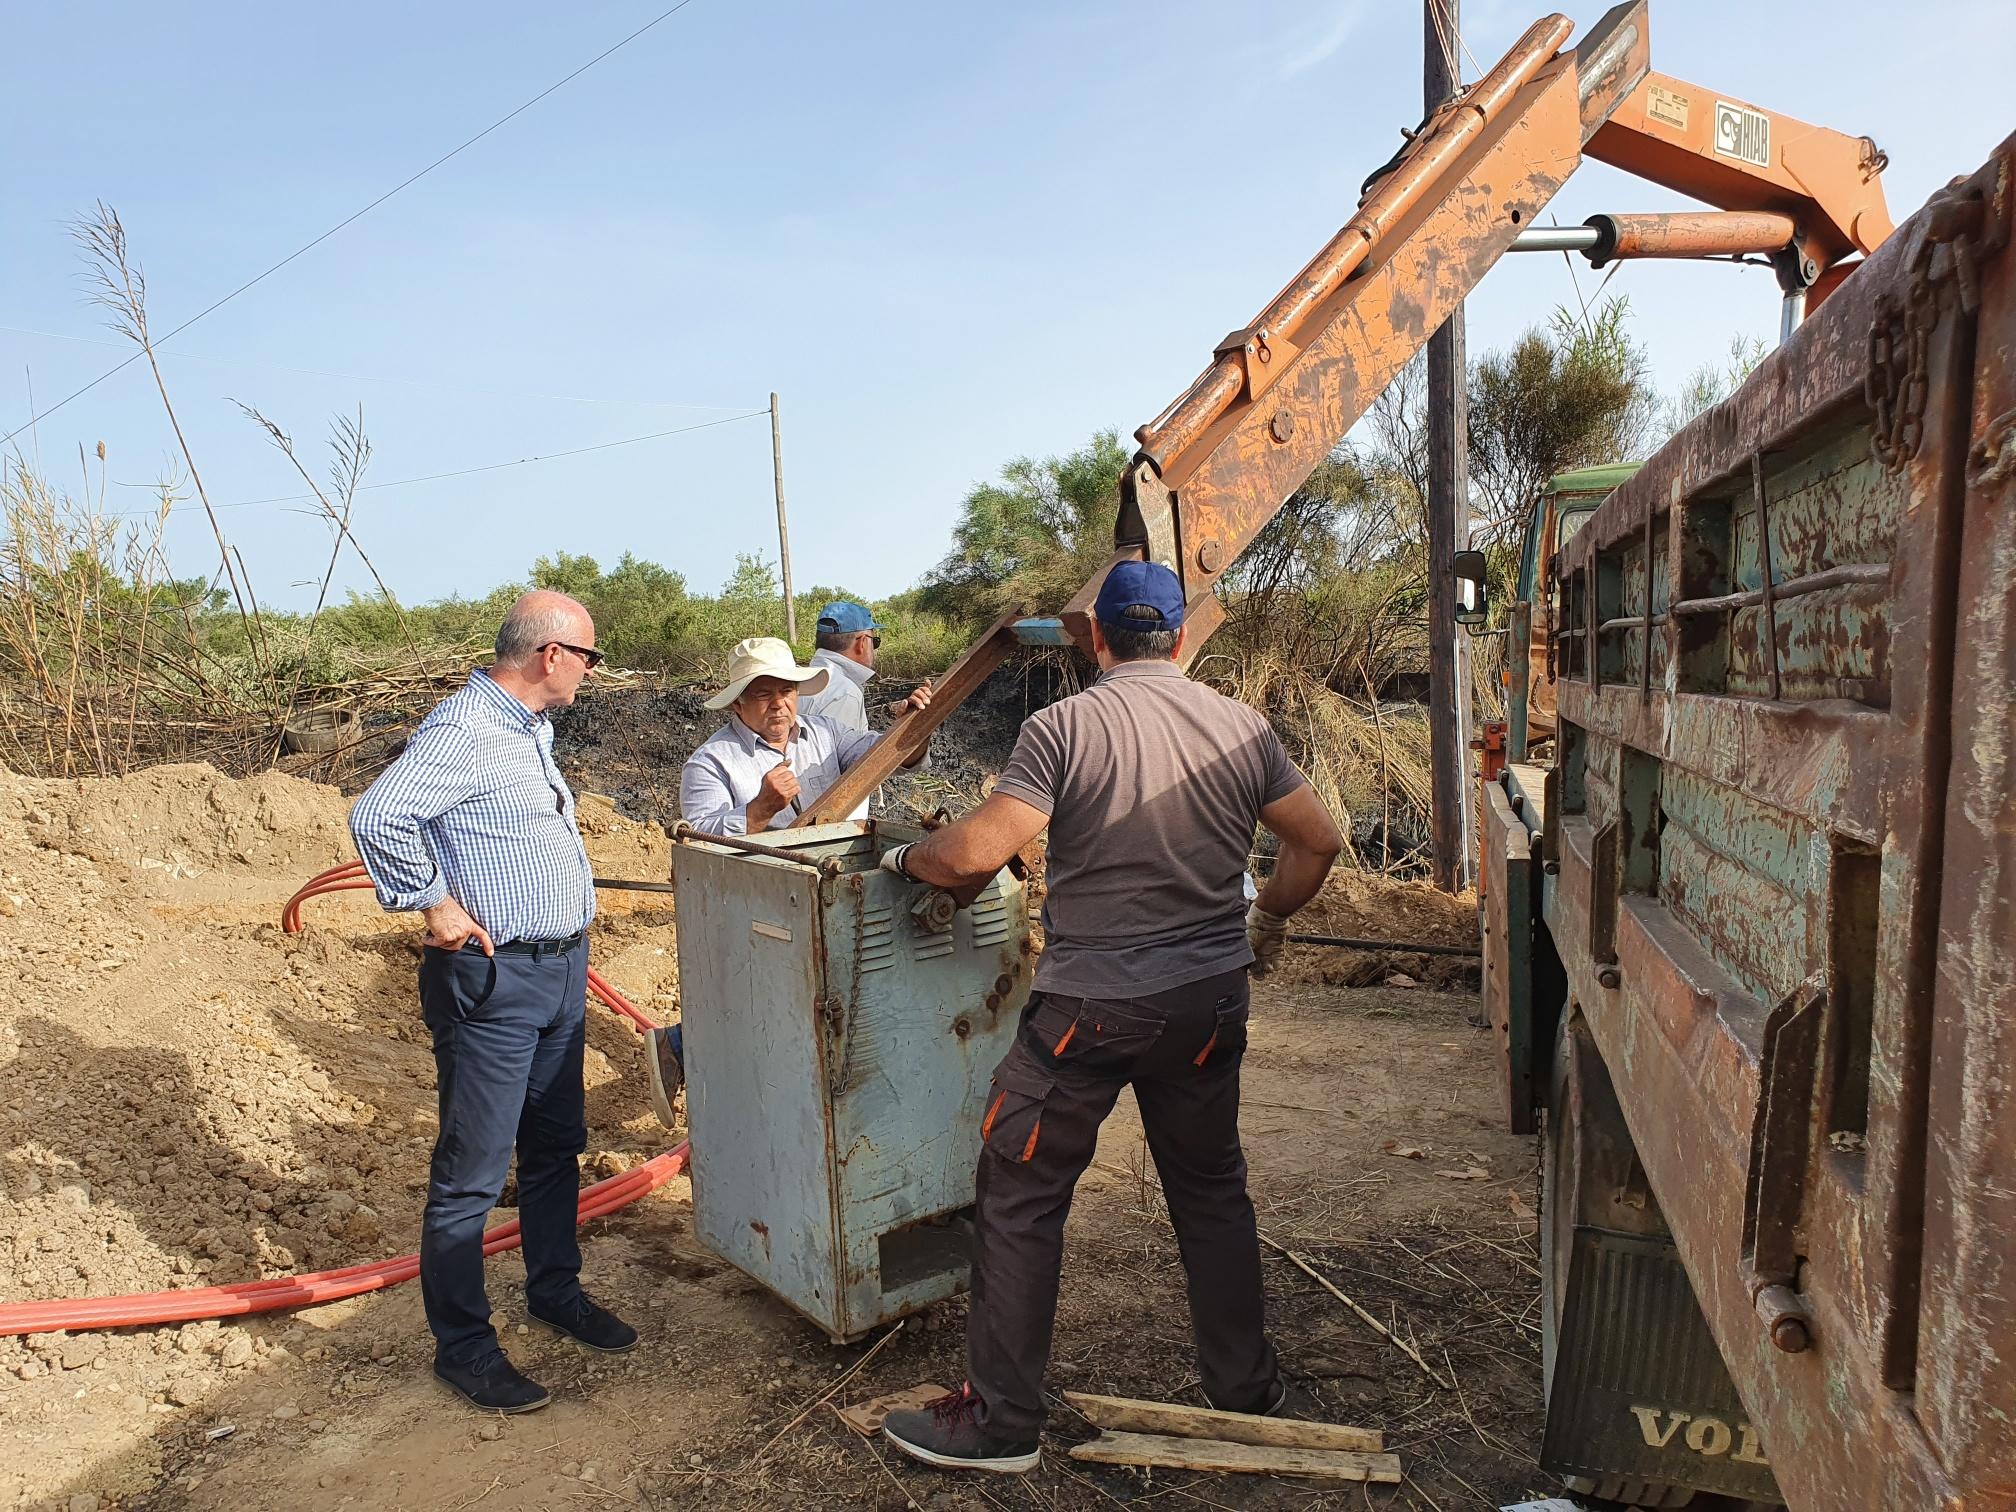 ΓΟΕΒ Πηνειού – Αλφειού: Μετά τις επισκευές στη ζημιά στον μετασχηματιστή άρχισε πάλι η άρδευση των καλλιεργειών από το αντλιοστάσιο Α13 στο Τραγανό!